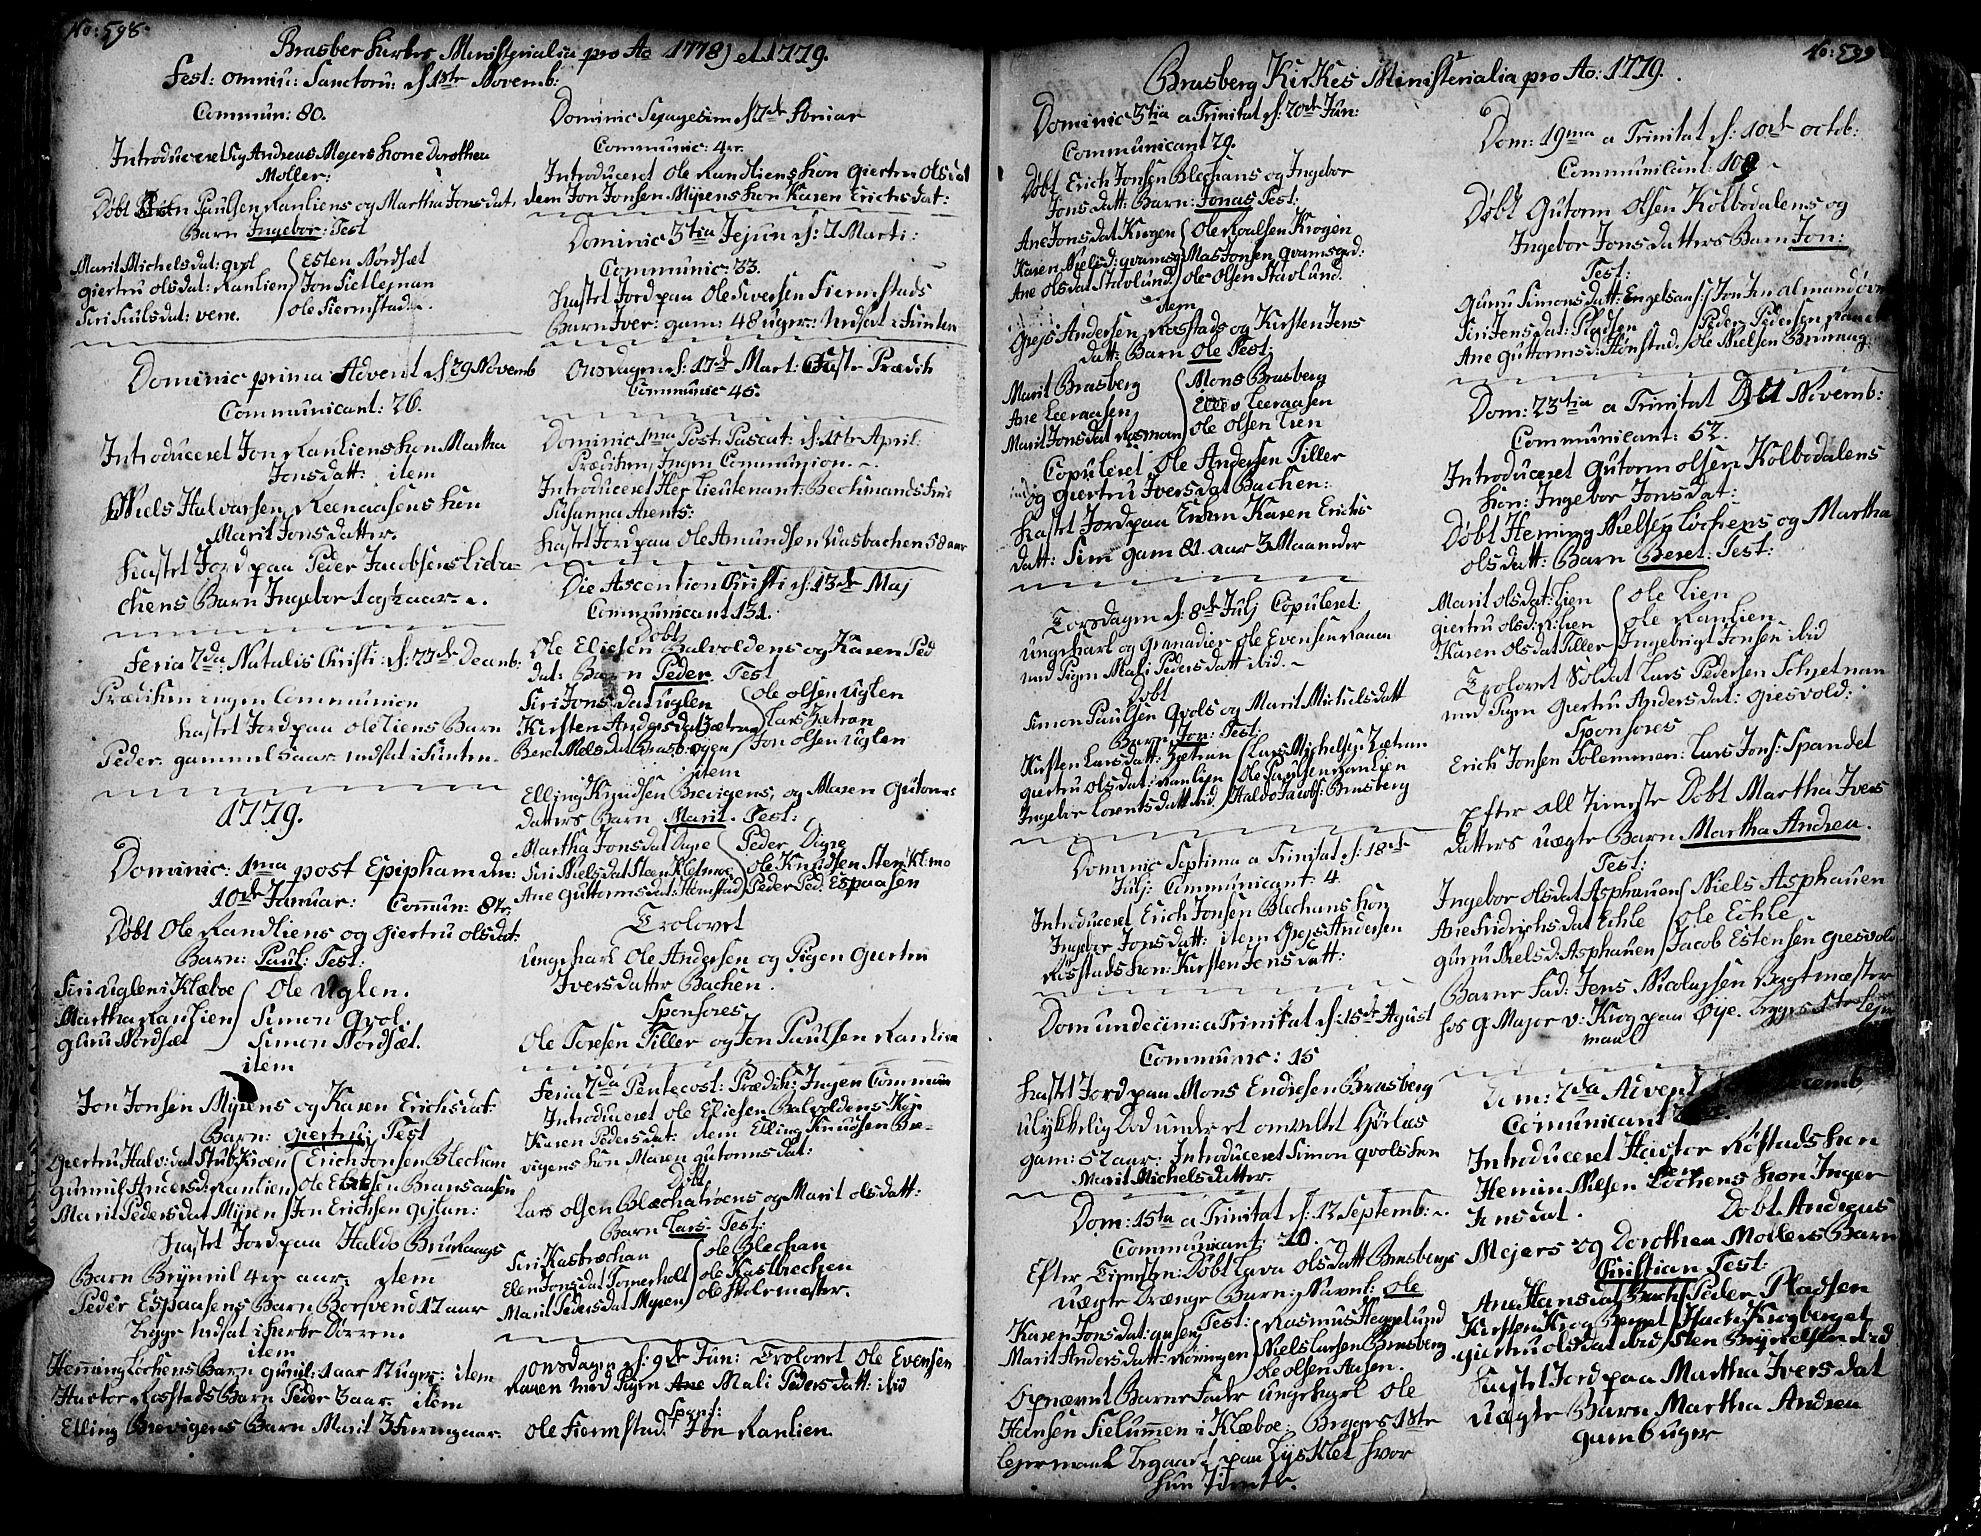 SAT, Ministerialprotokoller, klokkerbøker og fødselsregistre - Sør-Trøndelag, 606/L0278: Ministerialbok nr. 606A01 /4, 1727-1780, s. 598-599